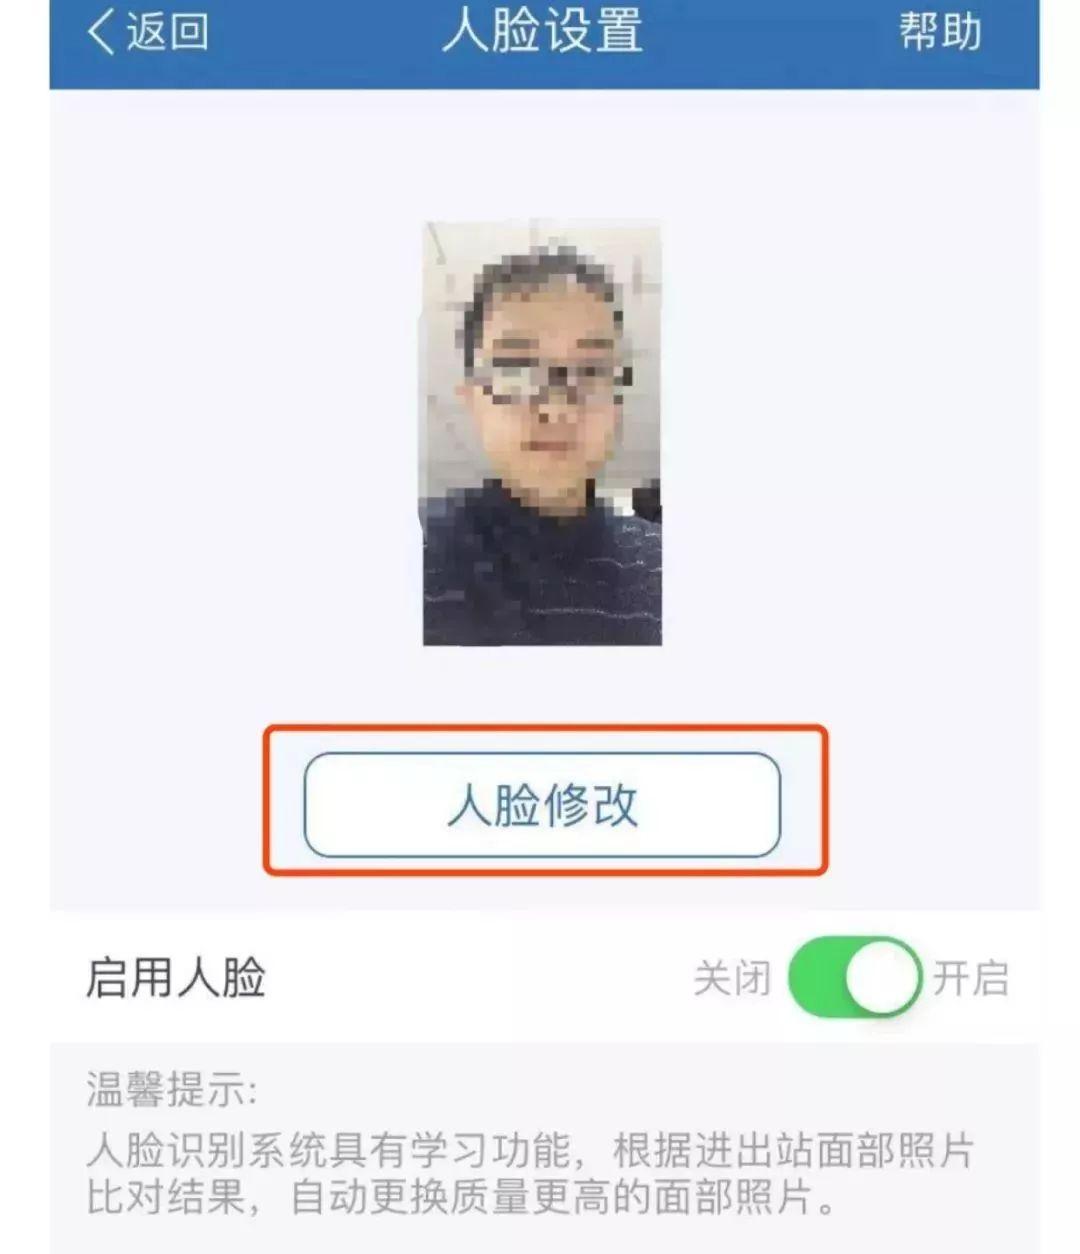 济南地铁APP安卓 苹果下载入口